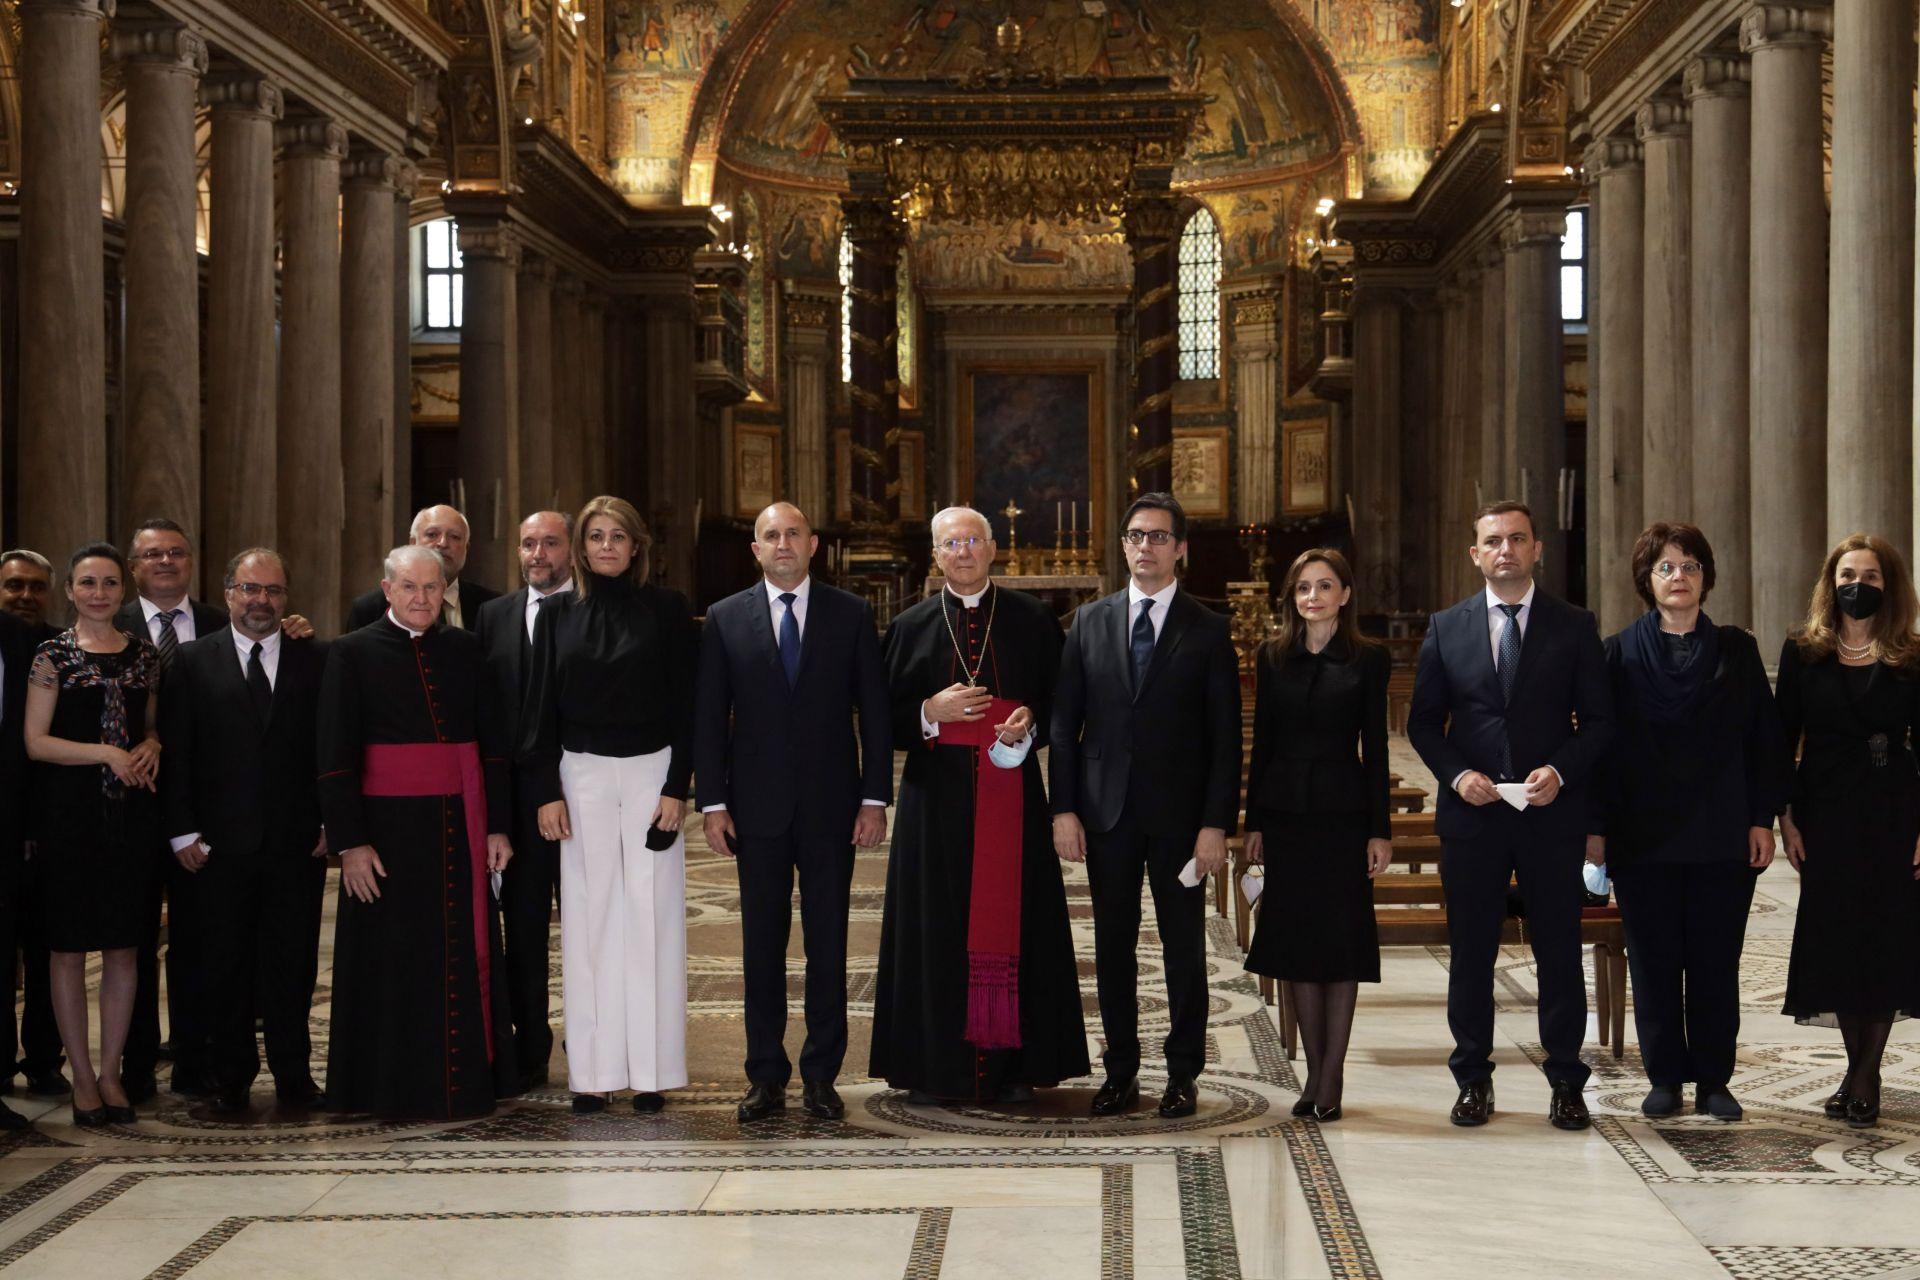 Румен Радев и северномакедонския си колега във Ватикана, където бяха заедно със съпругите си